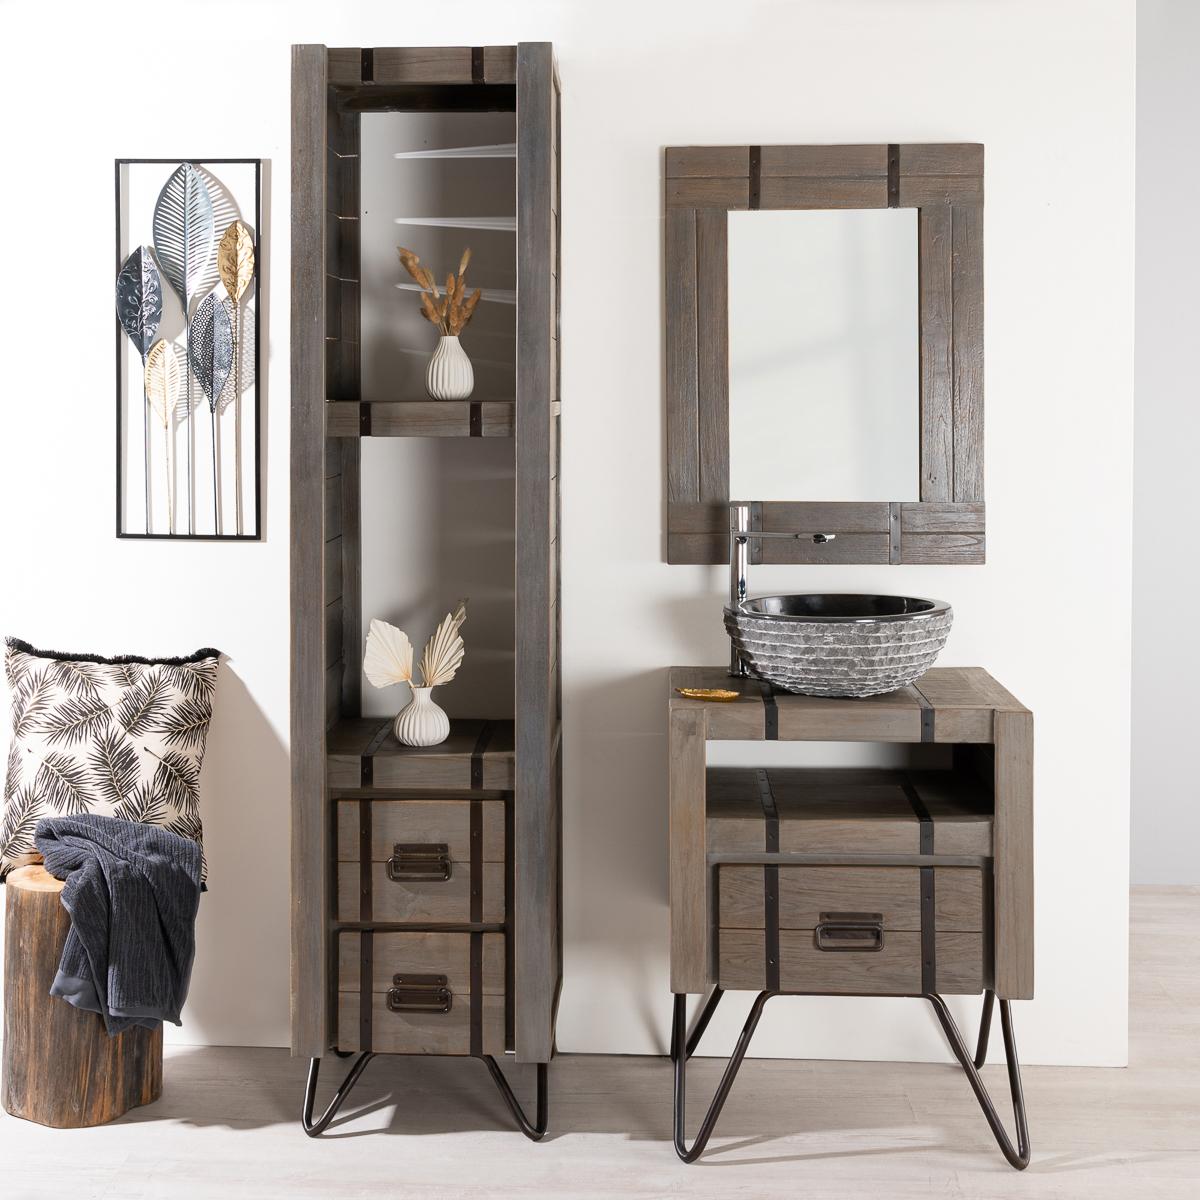 meuble sous vasque simple vasque en bois mindi massif m tal loft rectangulaire gris. Black Bedroom Furniture Sets. Home Design Ideas